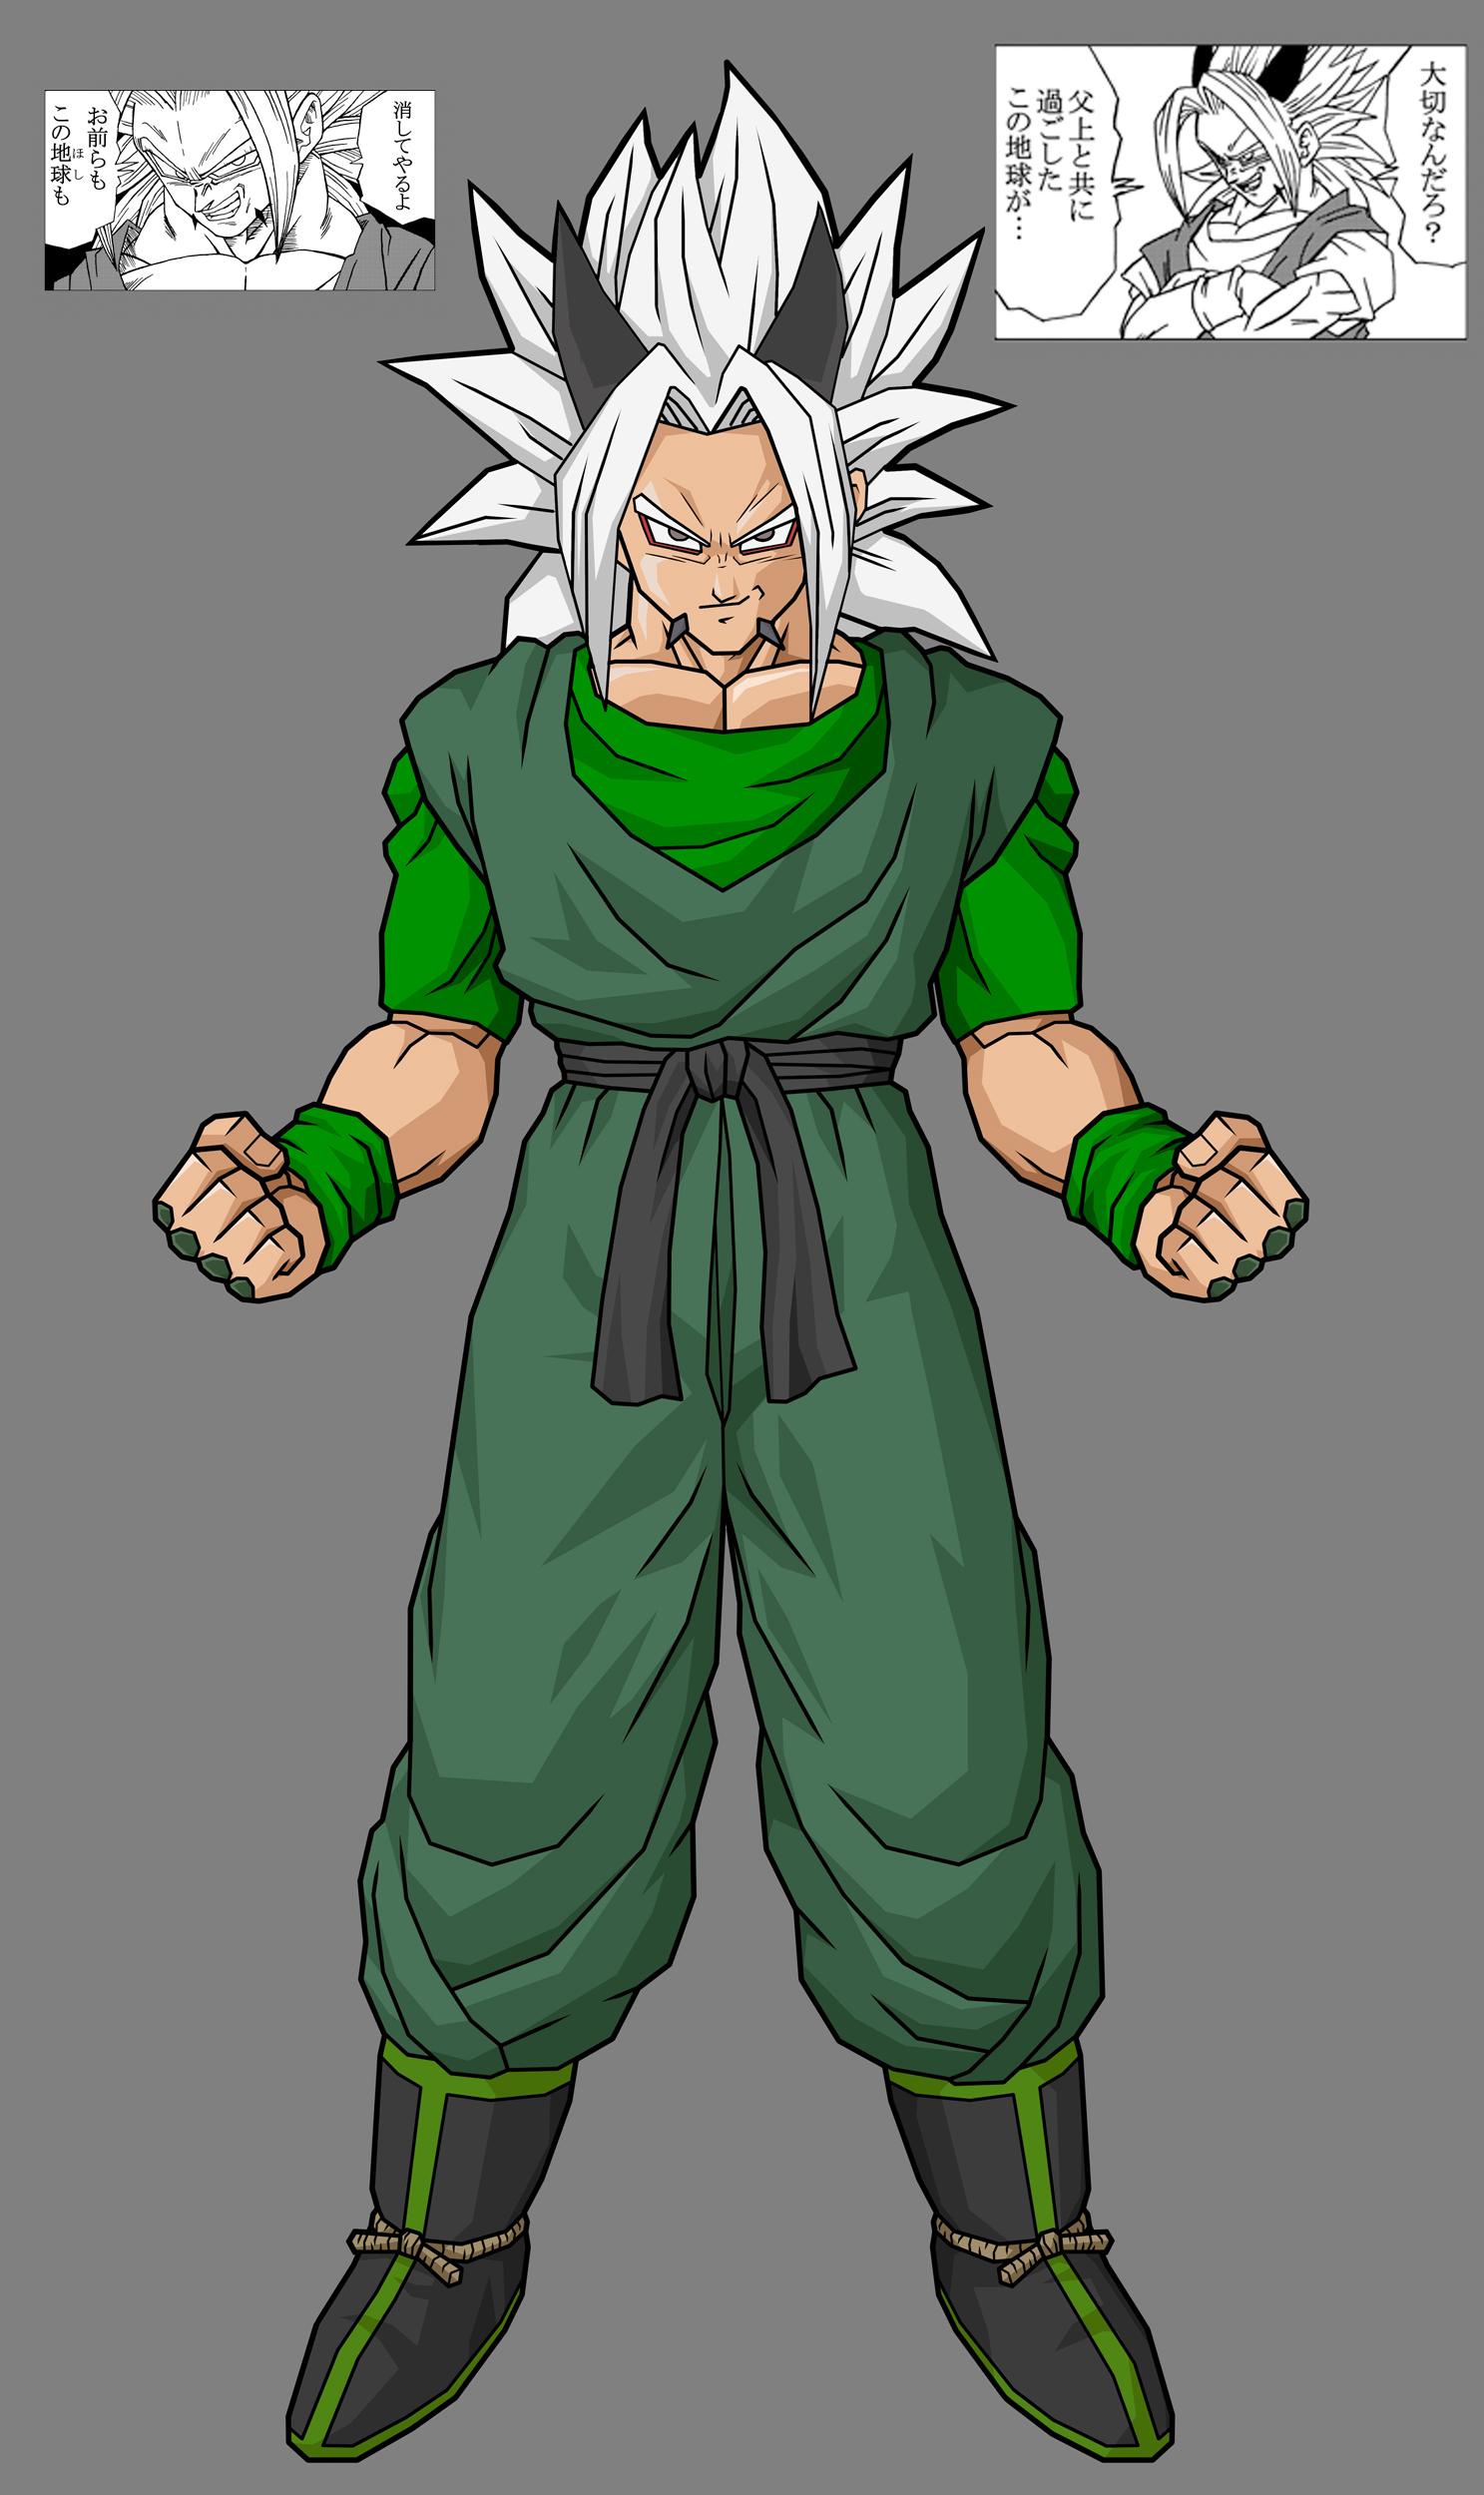 xicor  zaiko  u2013 the evil son of goku  dragon ball af